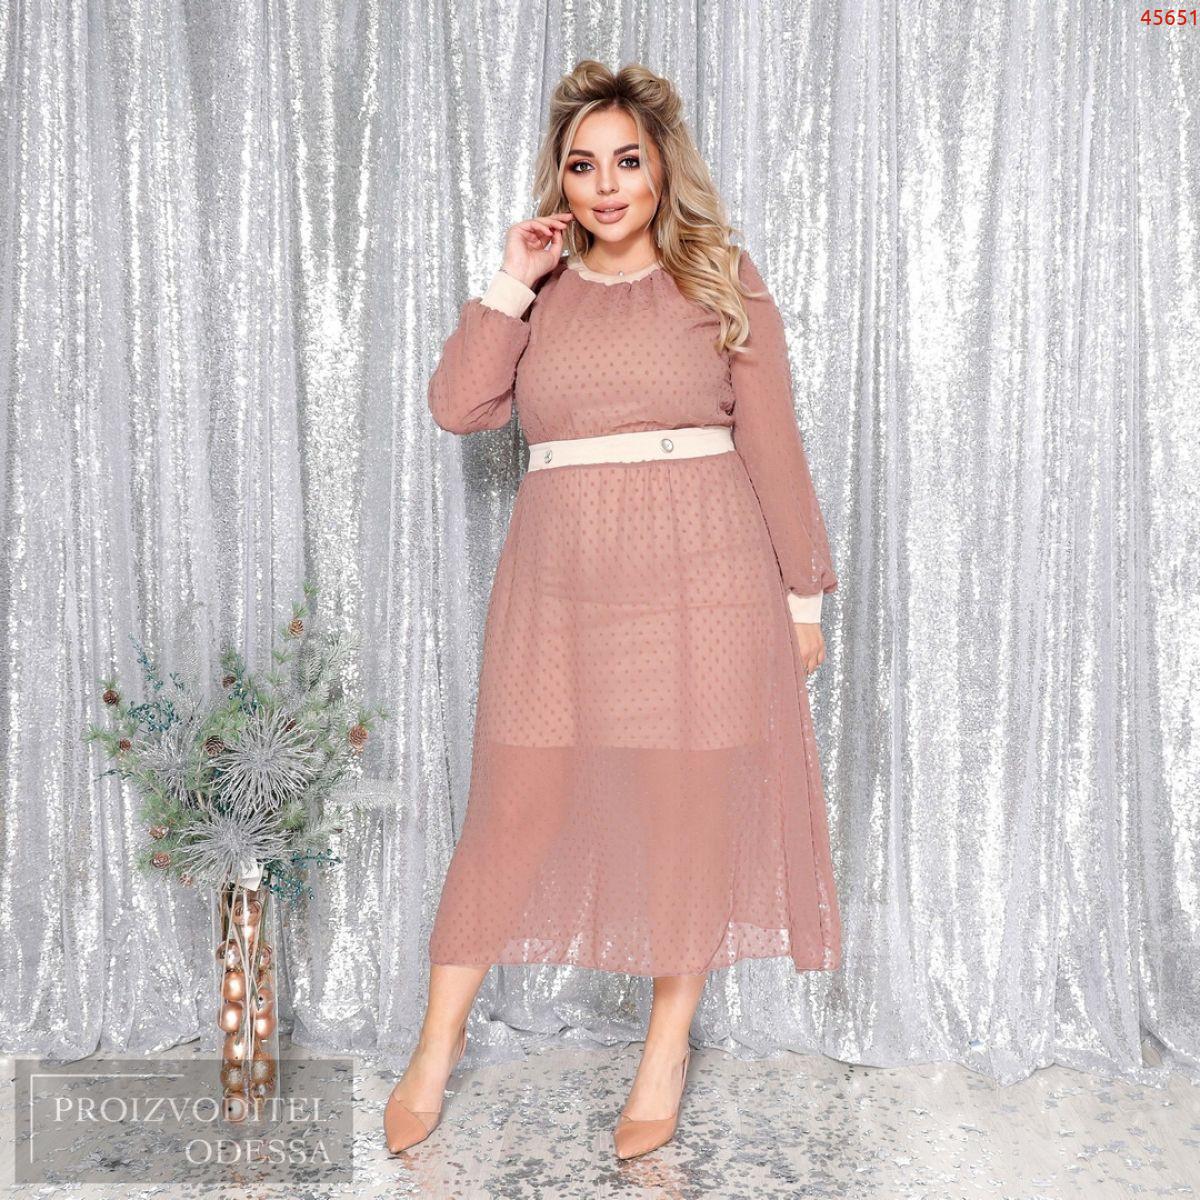 Платье №45651